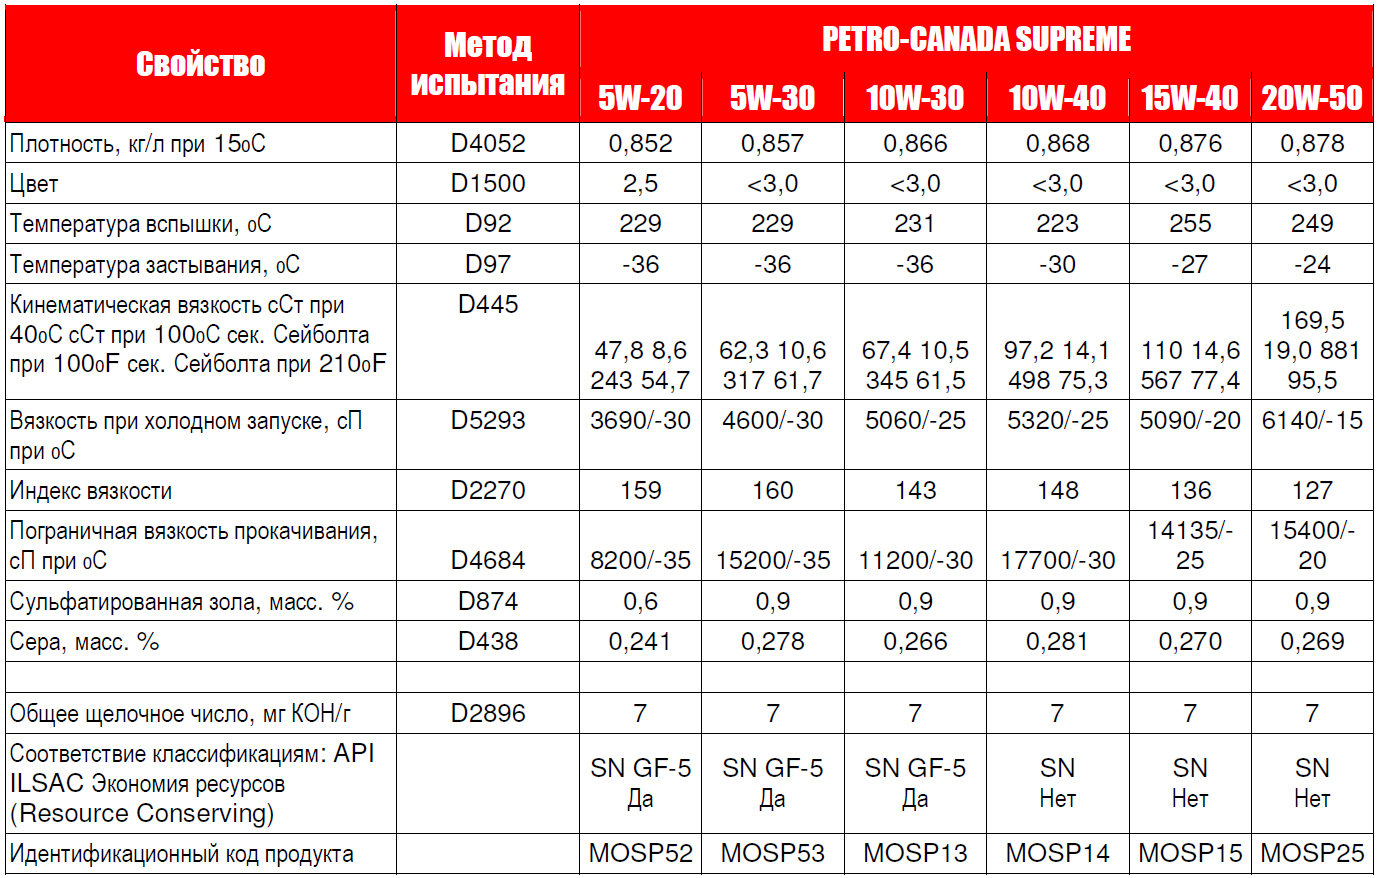 Petro-Canada SUPREME - типовые данные испытаний.